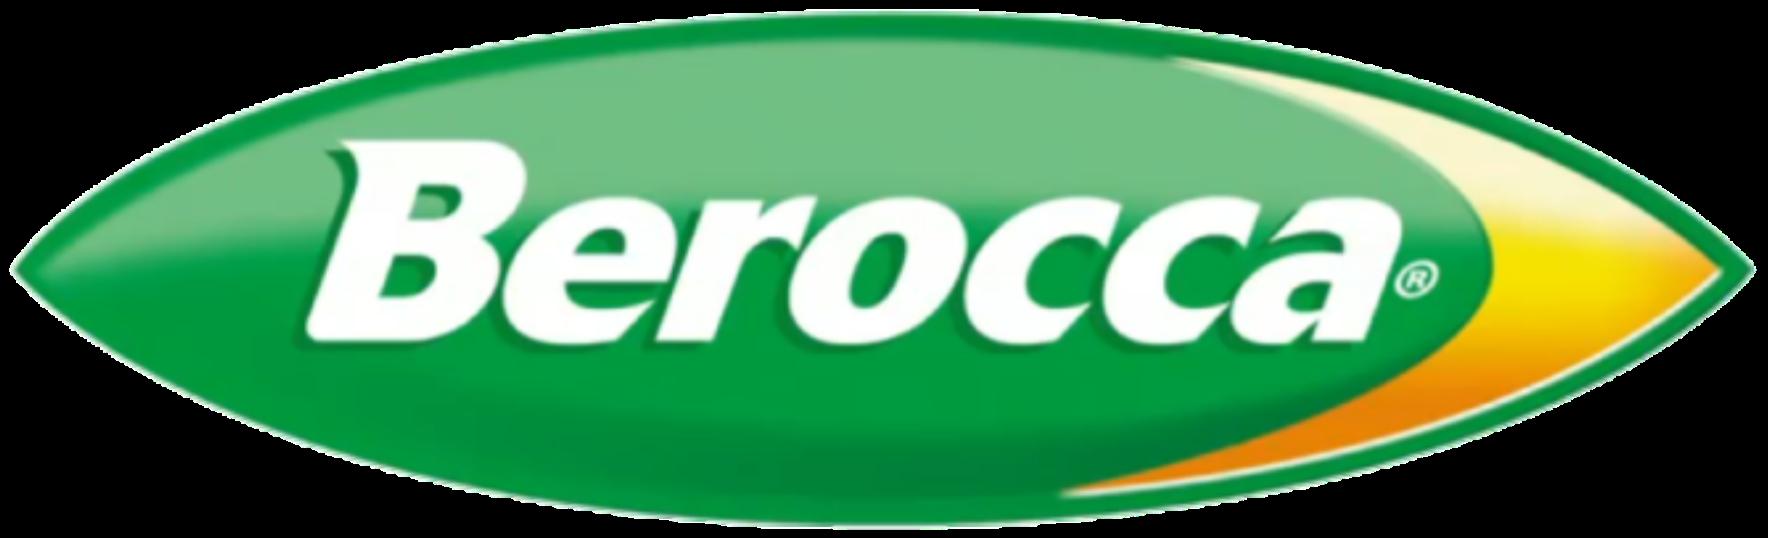 Berocca_logo